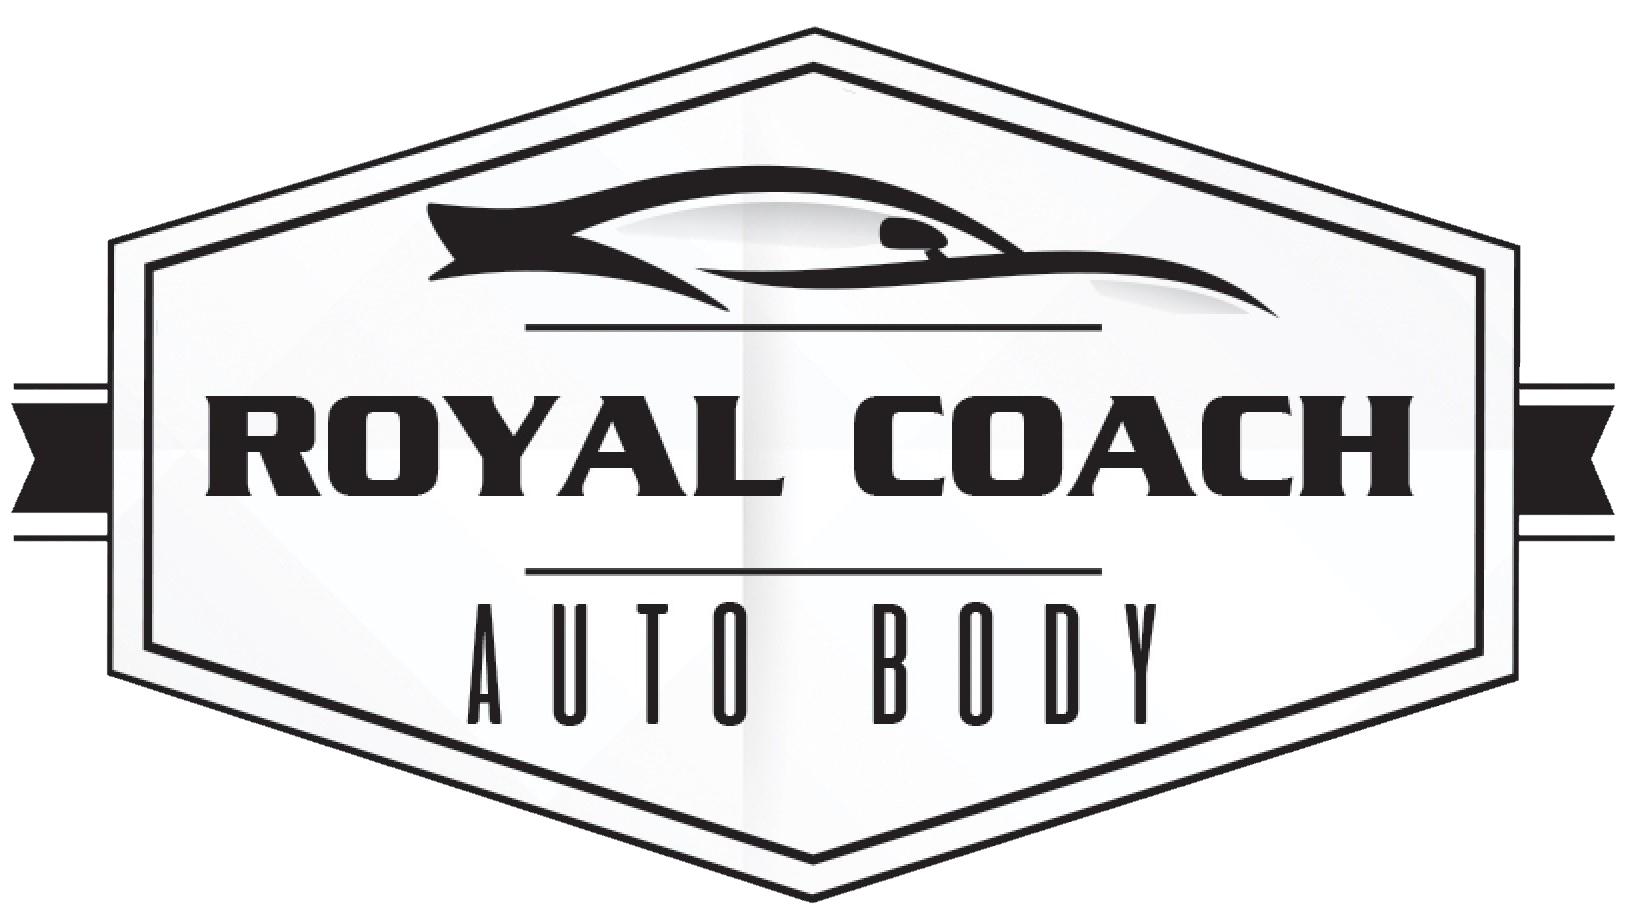 Royal Coach Auto Body Logo